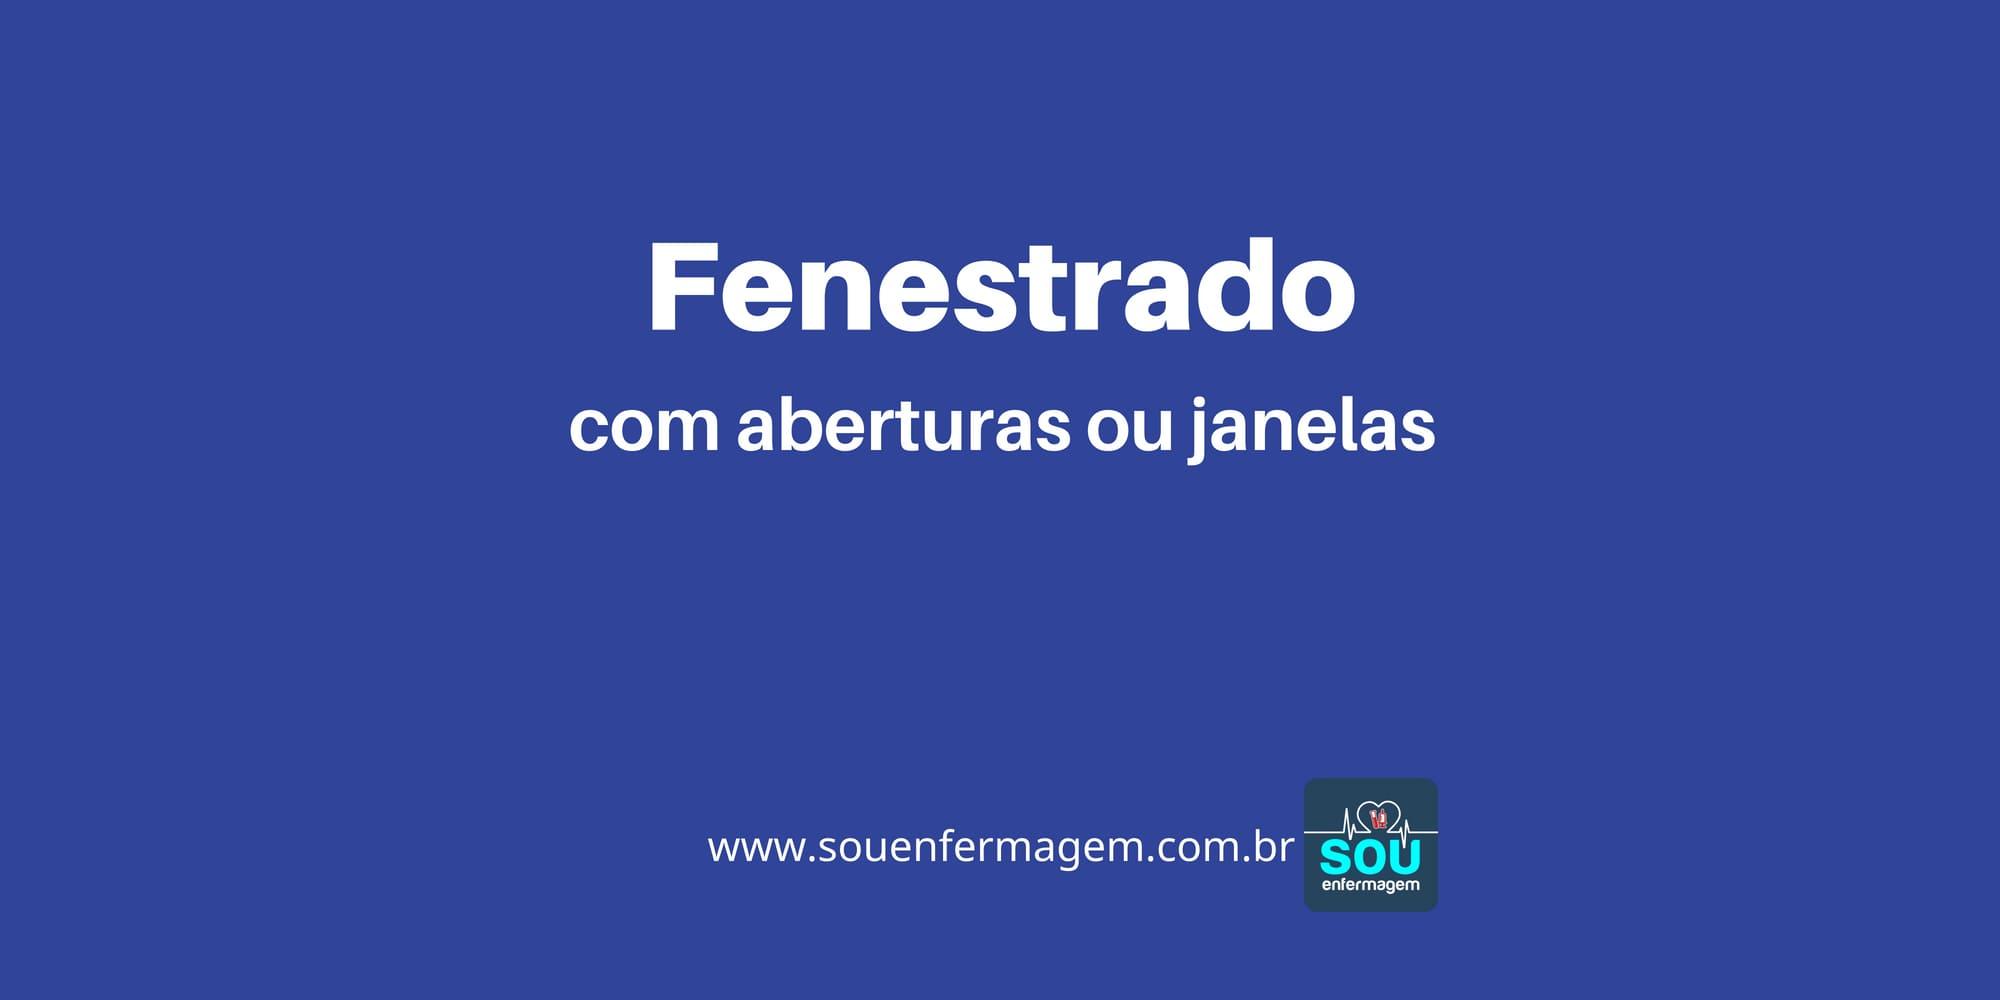 Fenestrado.jpg